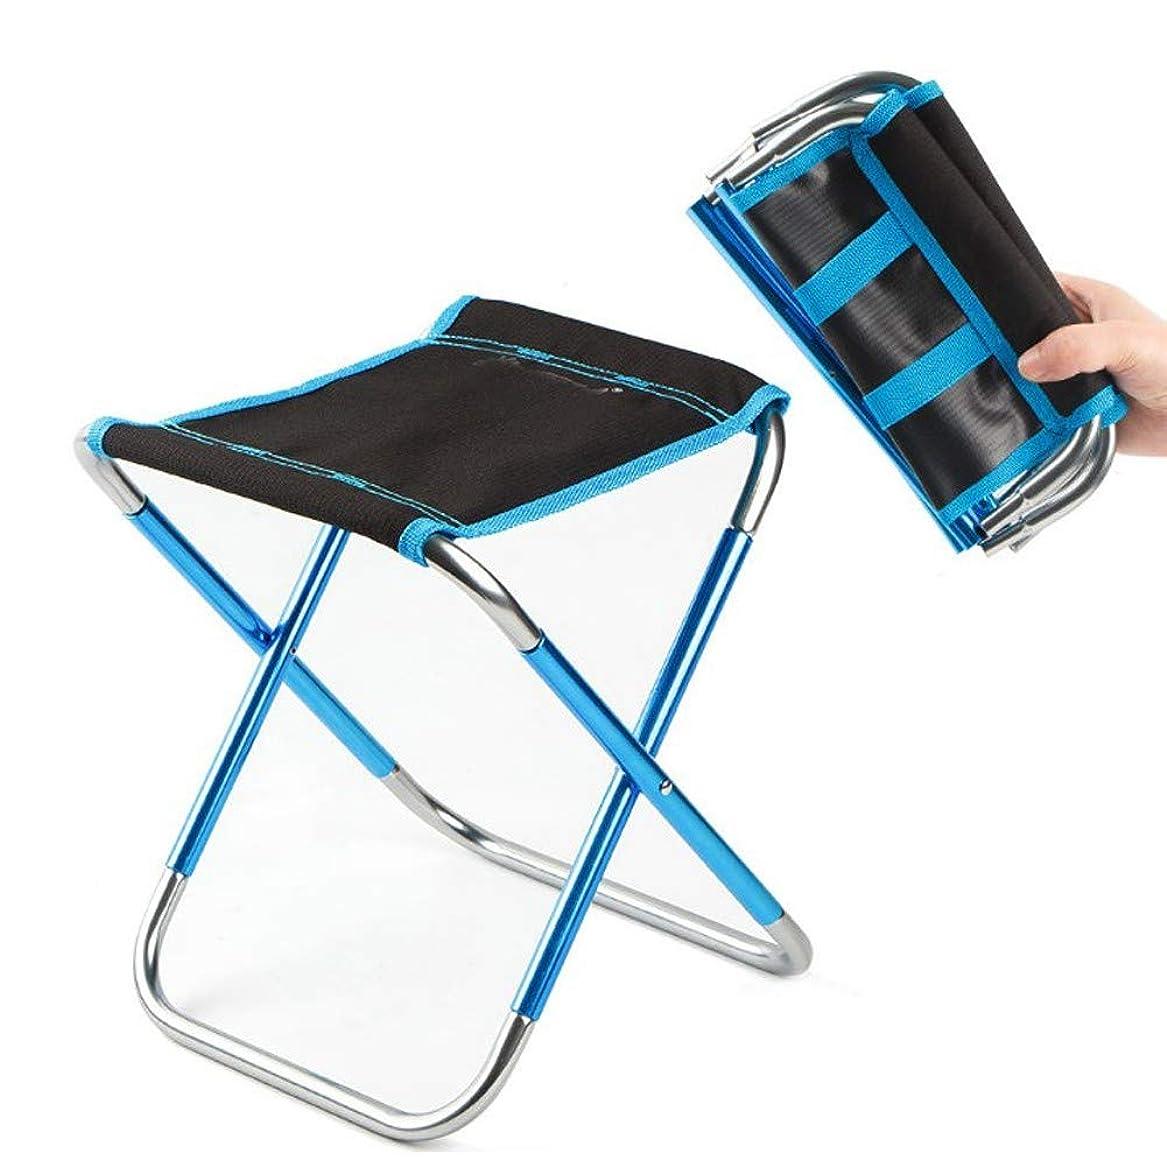 保持混合厚くする屋外折りたたみスツール7075アルミ合金釣り椅子バーベキュースツール折りたたみ椅子ポータブル鉄道馬キャンプチェア(Color:B)